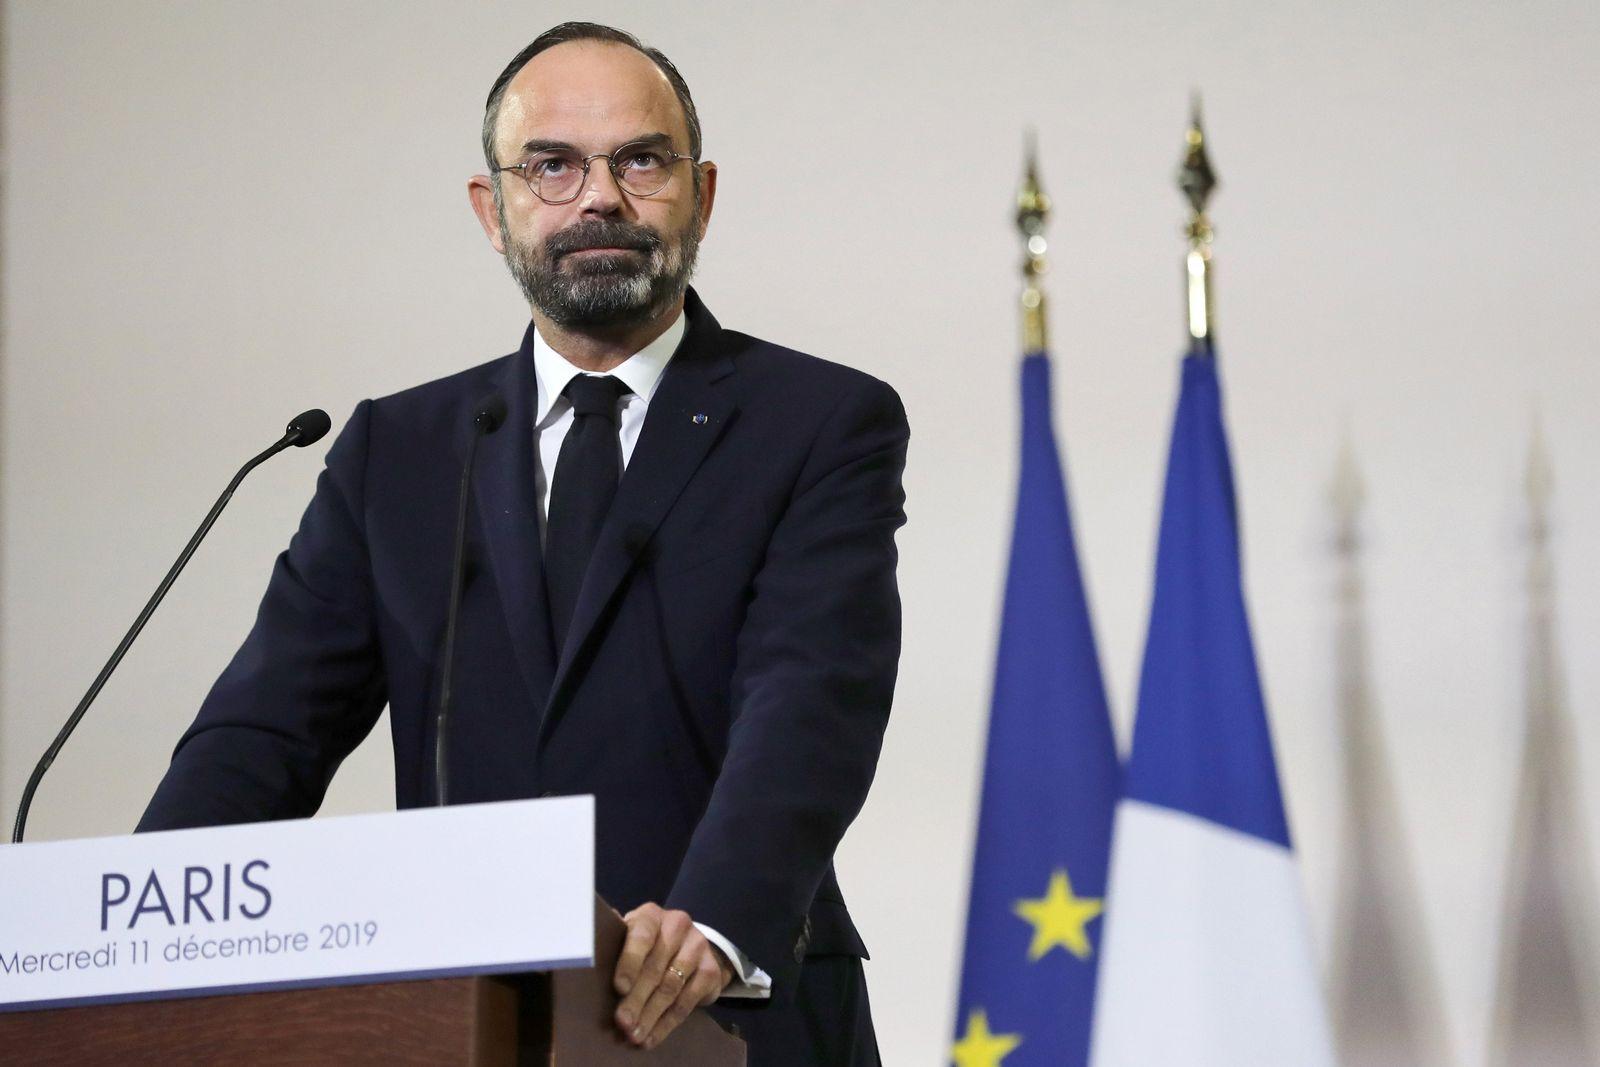 Generalstreik in Frankreich - Premierminister Philippe